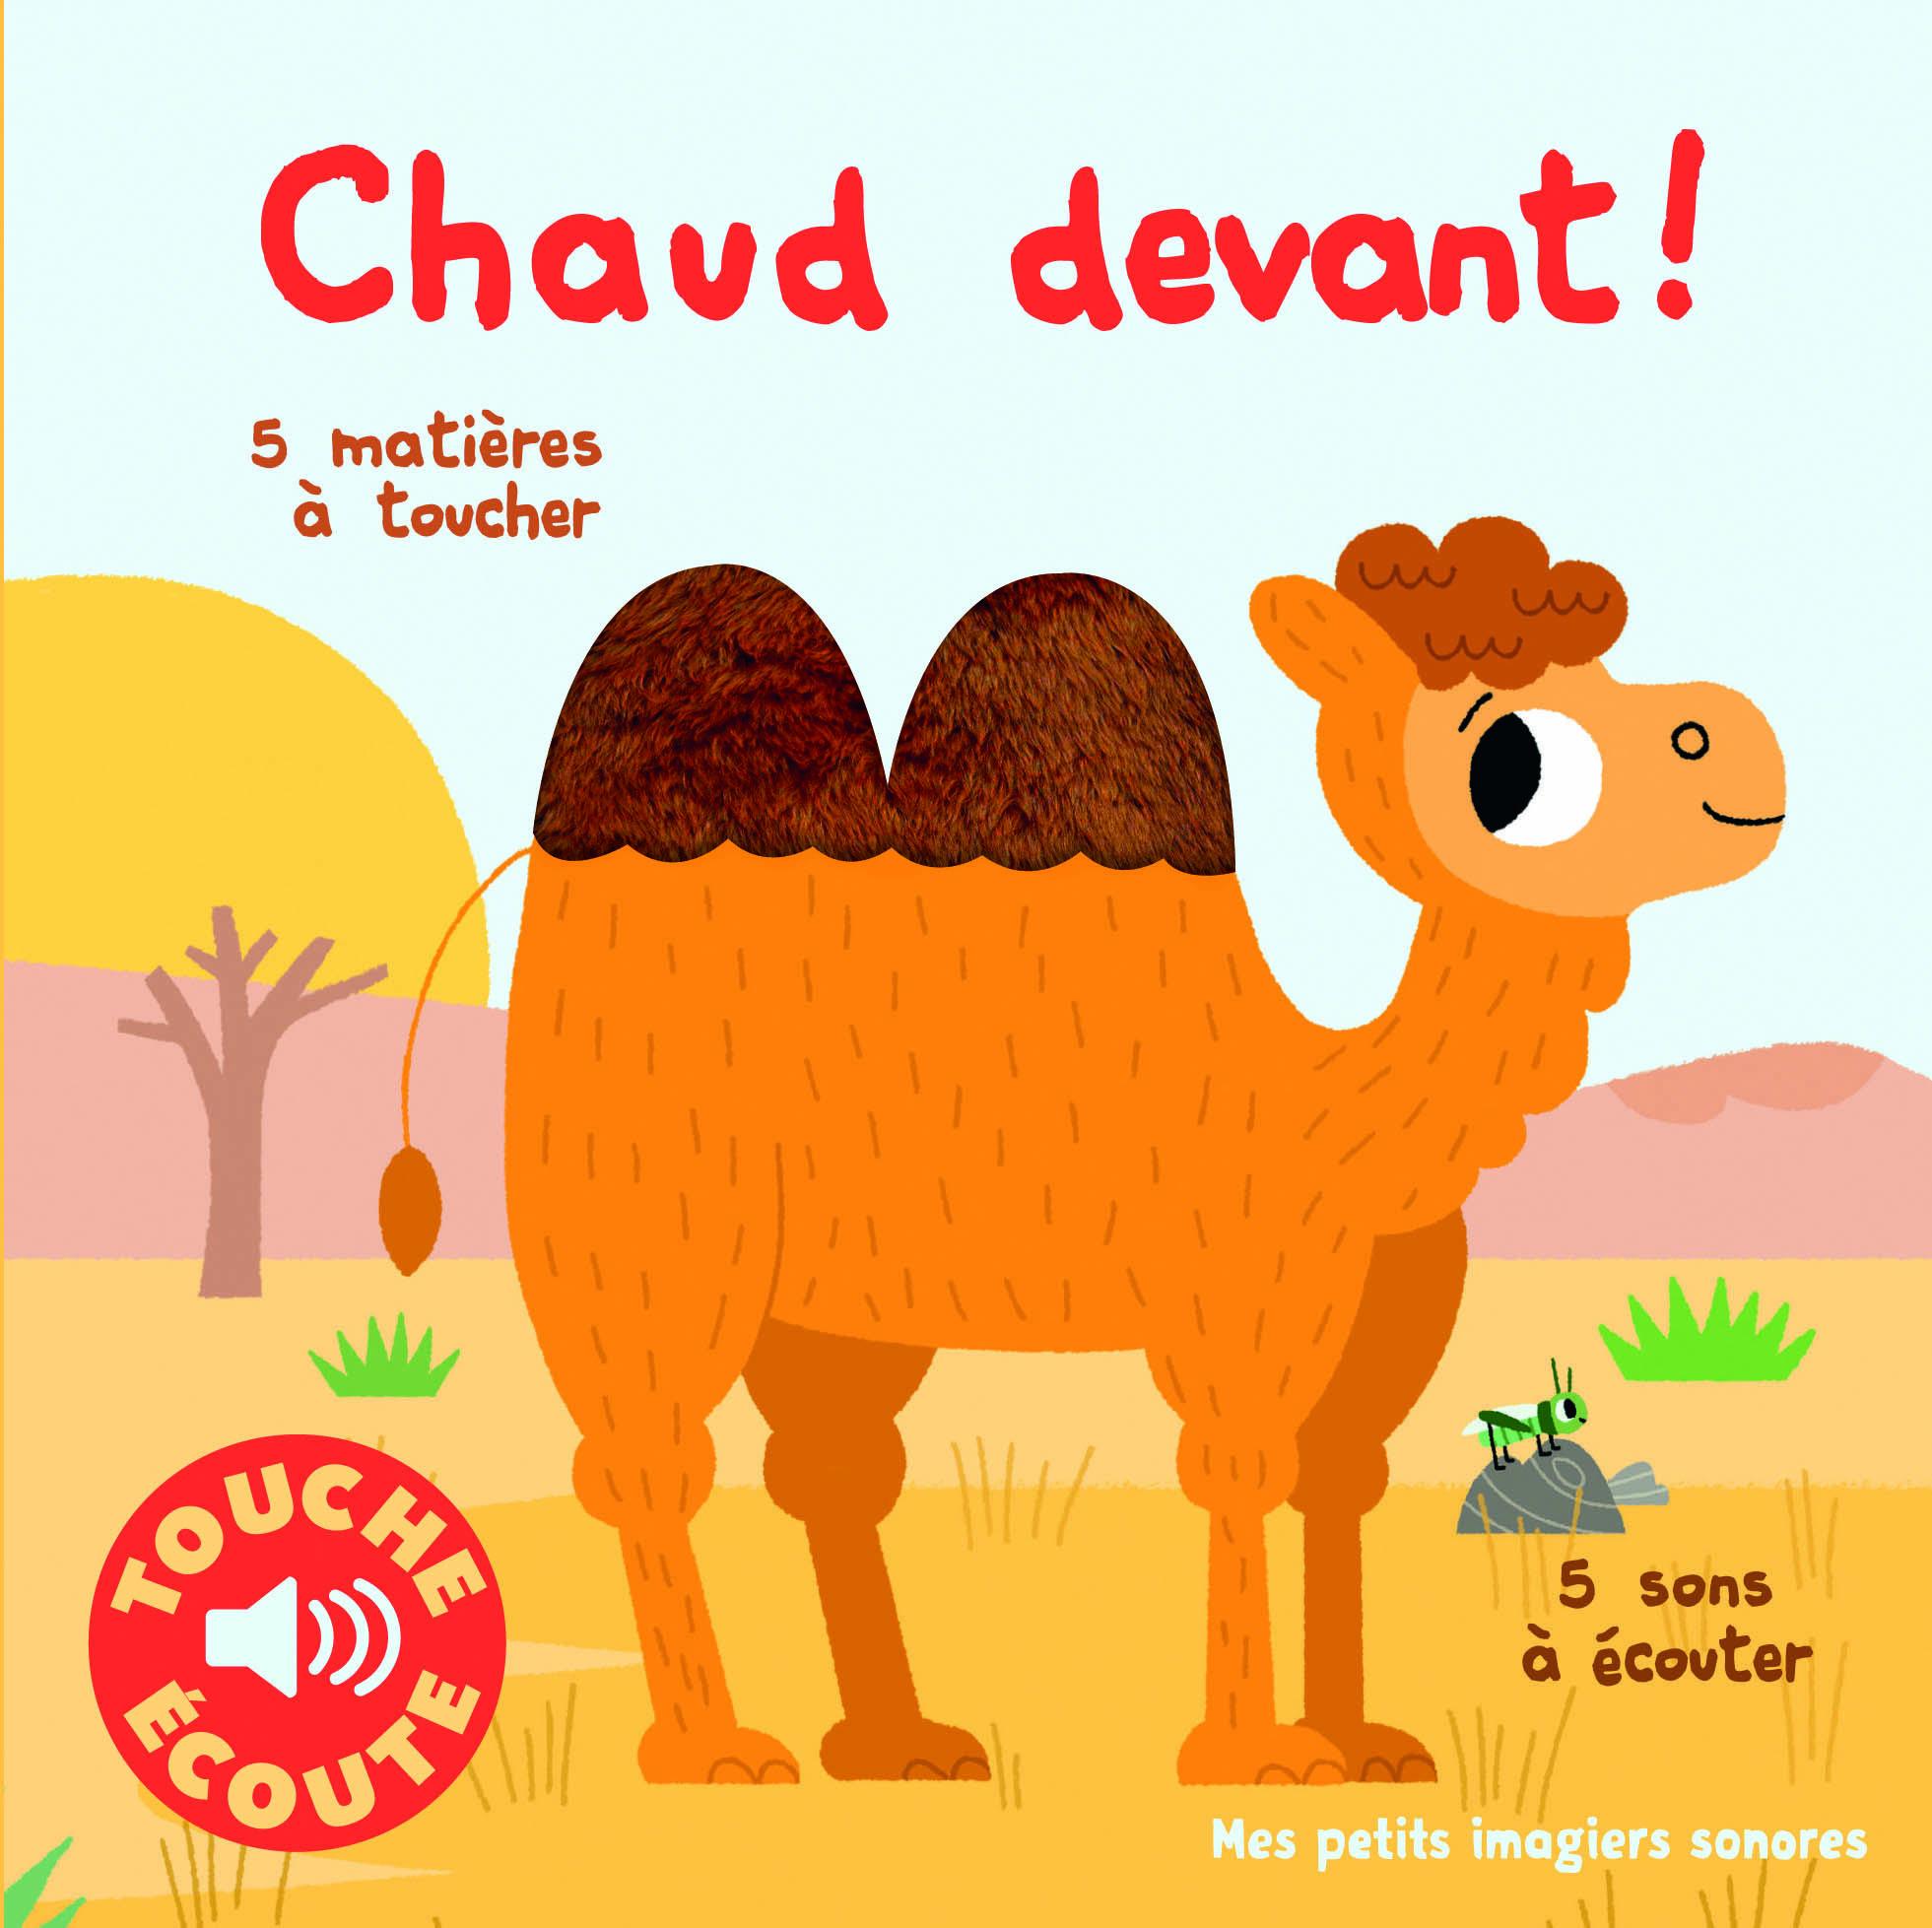 CHAUD DEVANT ! - 5 MATIERES A TOUCHER, 5 SONS A ECOUTER